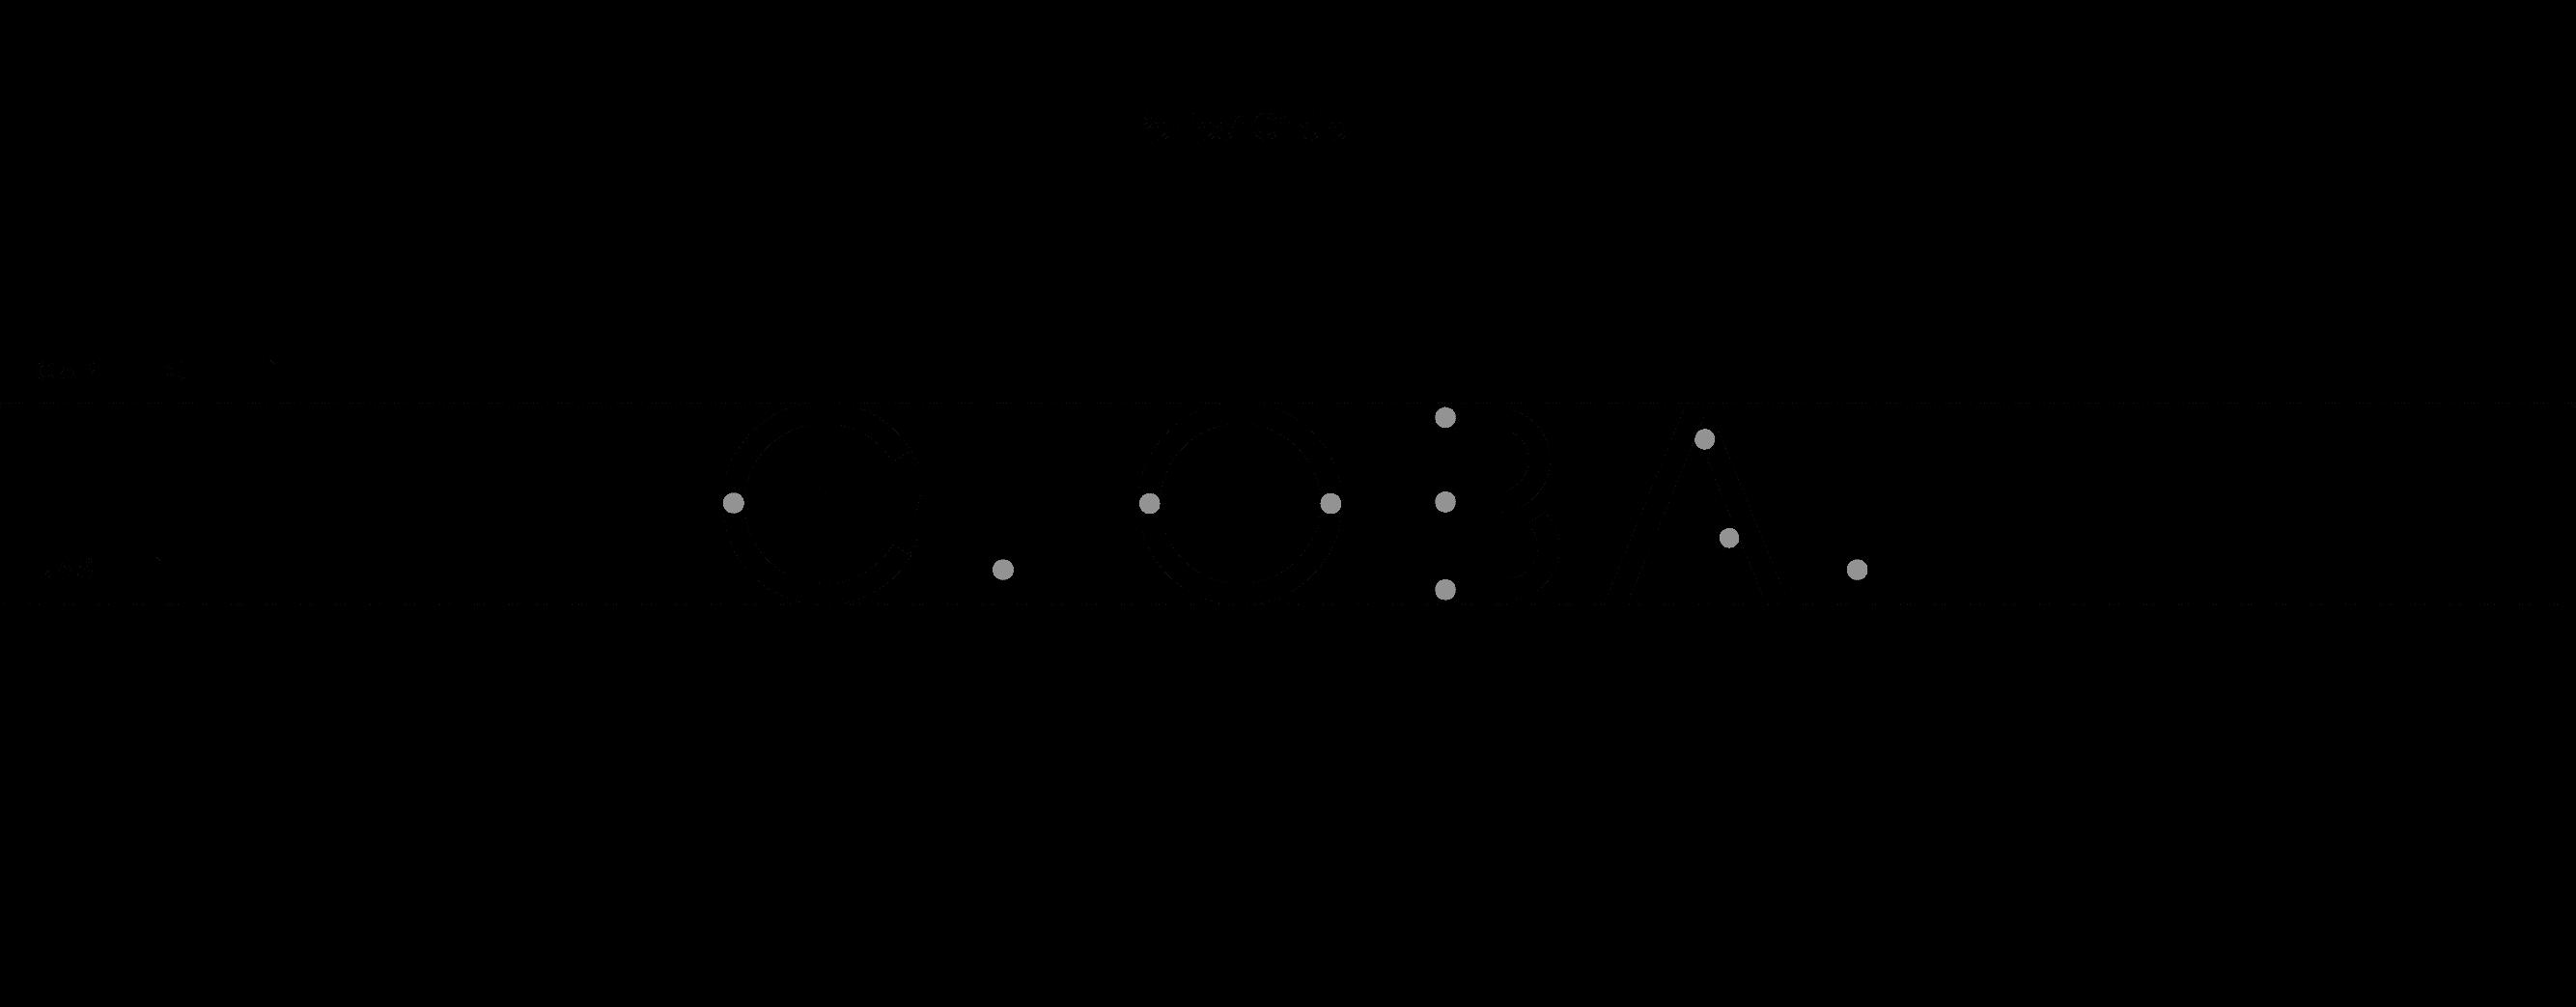 Gemic-Specimen_Regular-04_Compressed